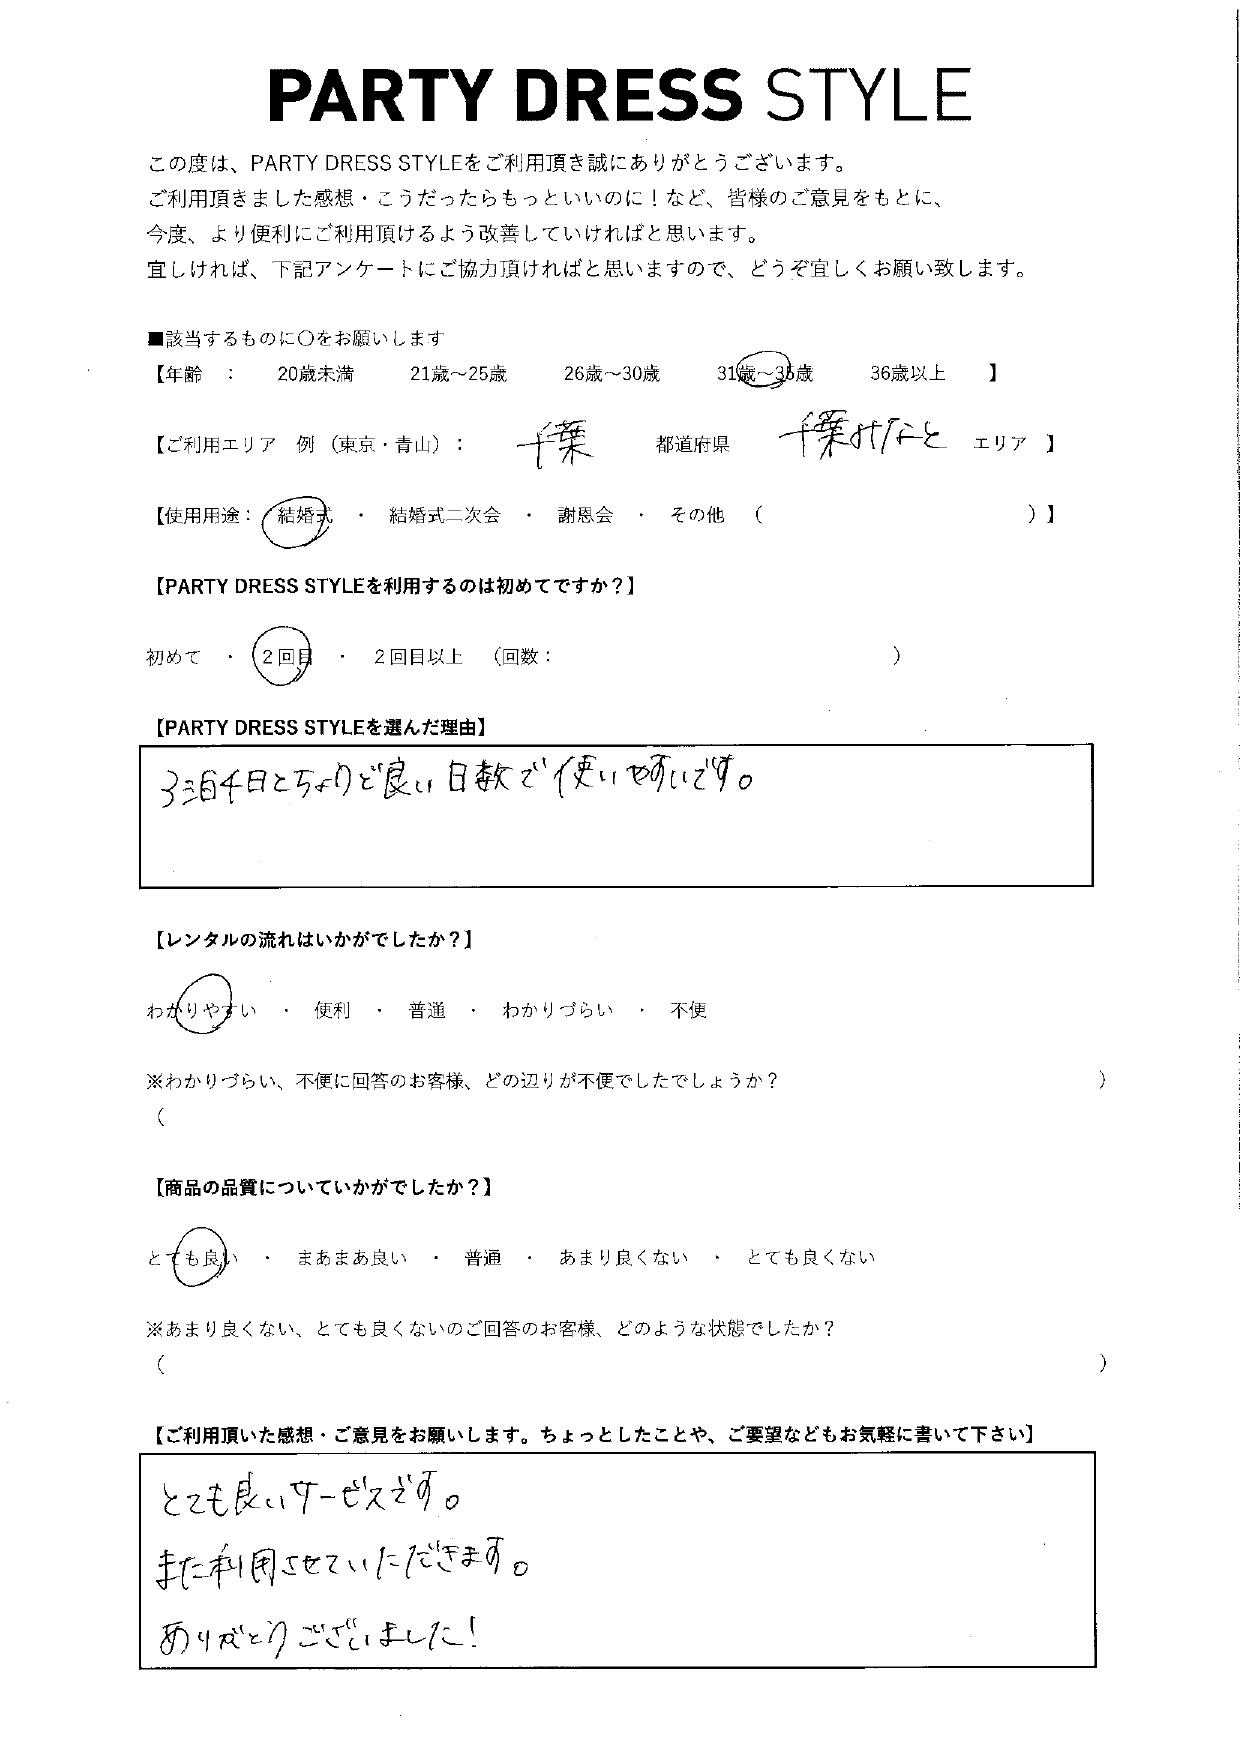 12/20結婚式ご利用 千葉・千葉みなとエリア